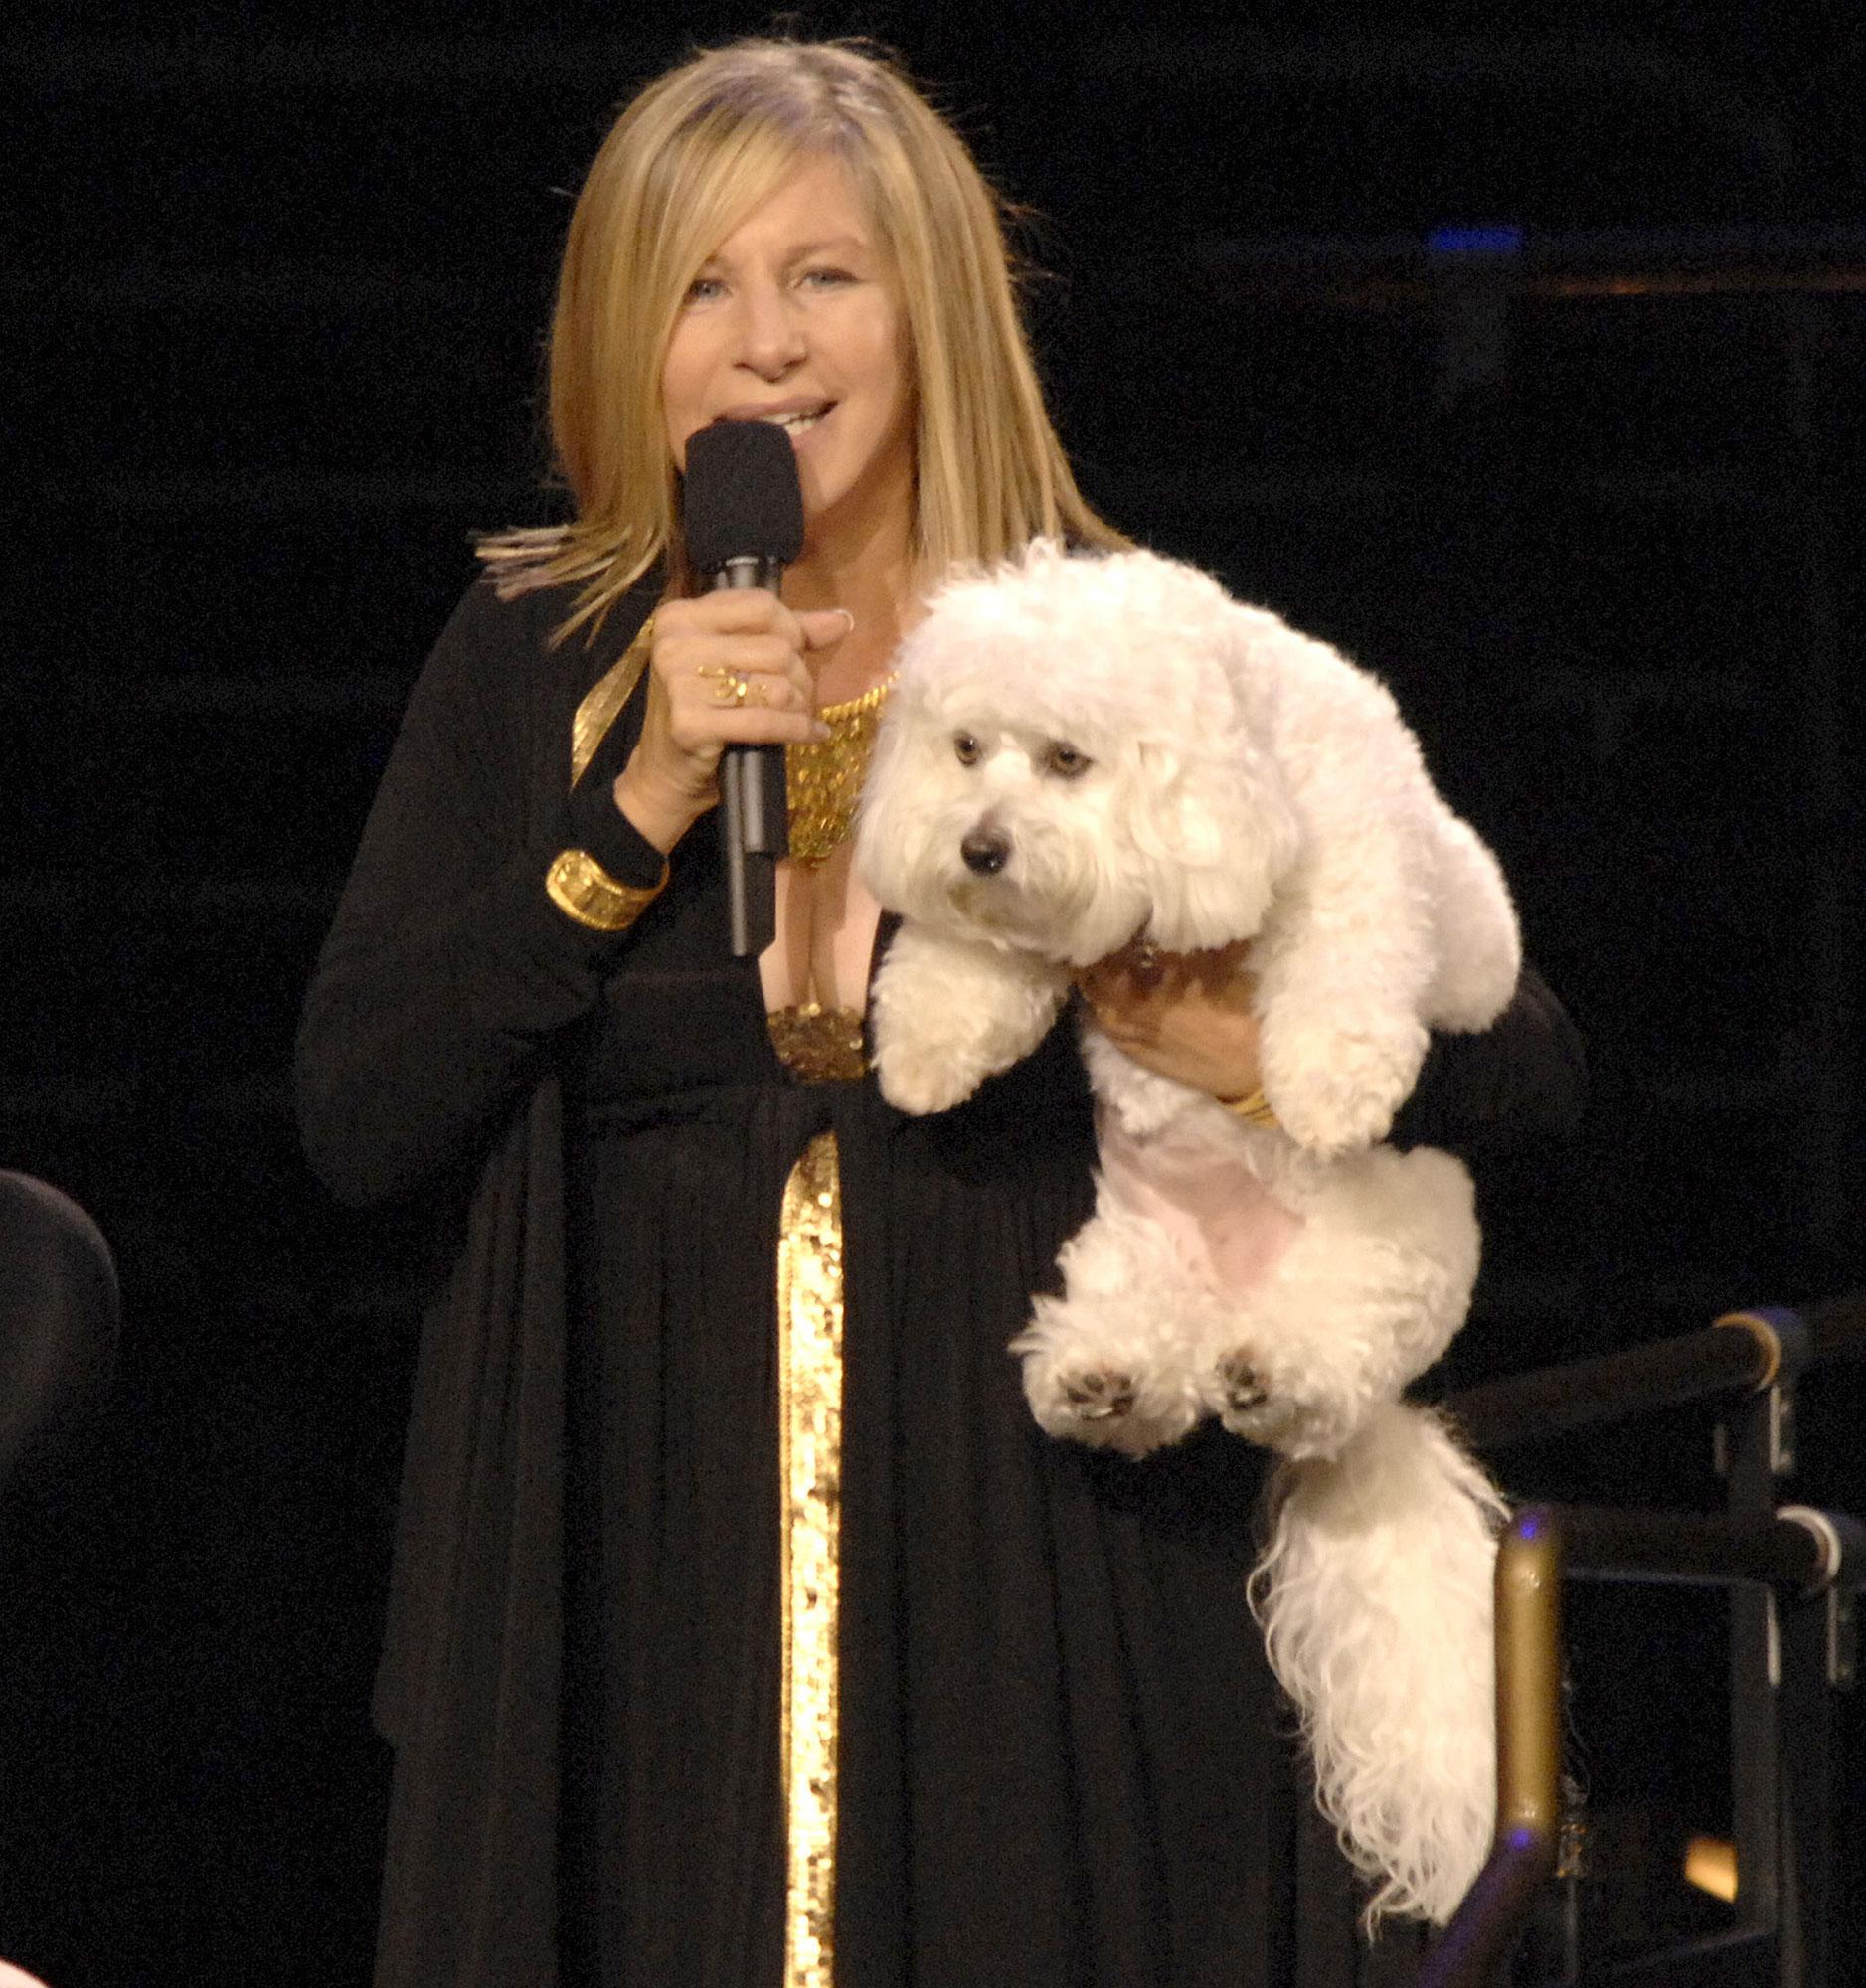 Barbra-Streisand-Sammie-2